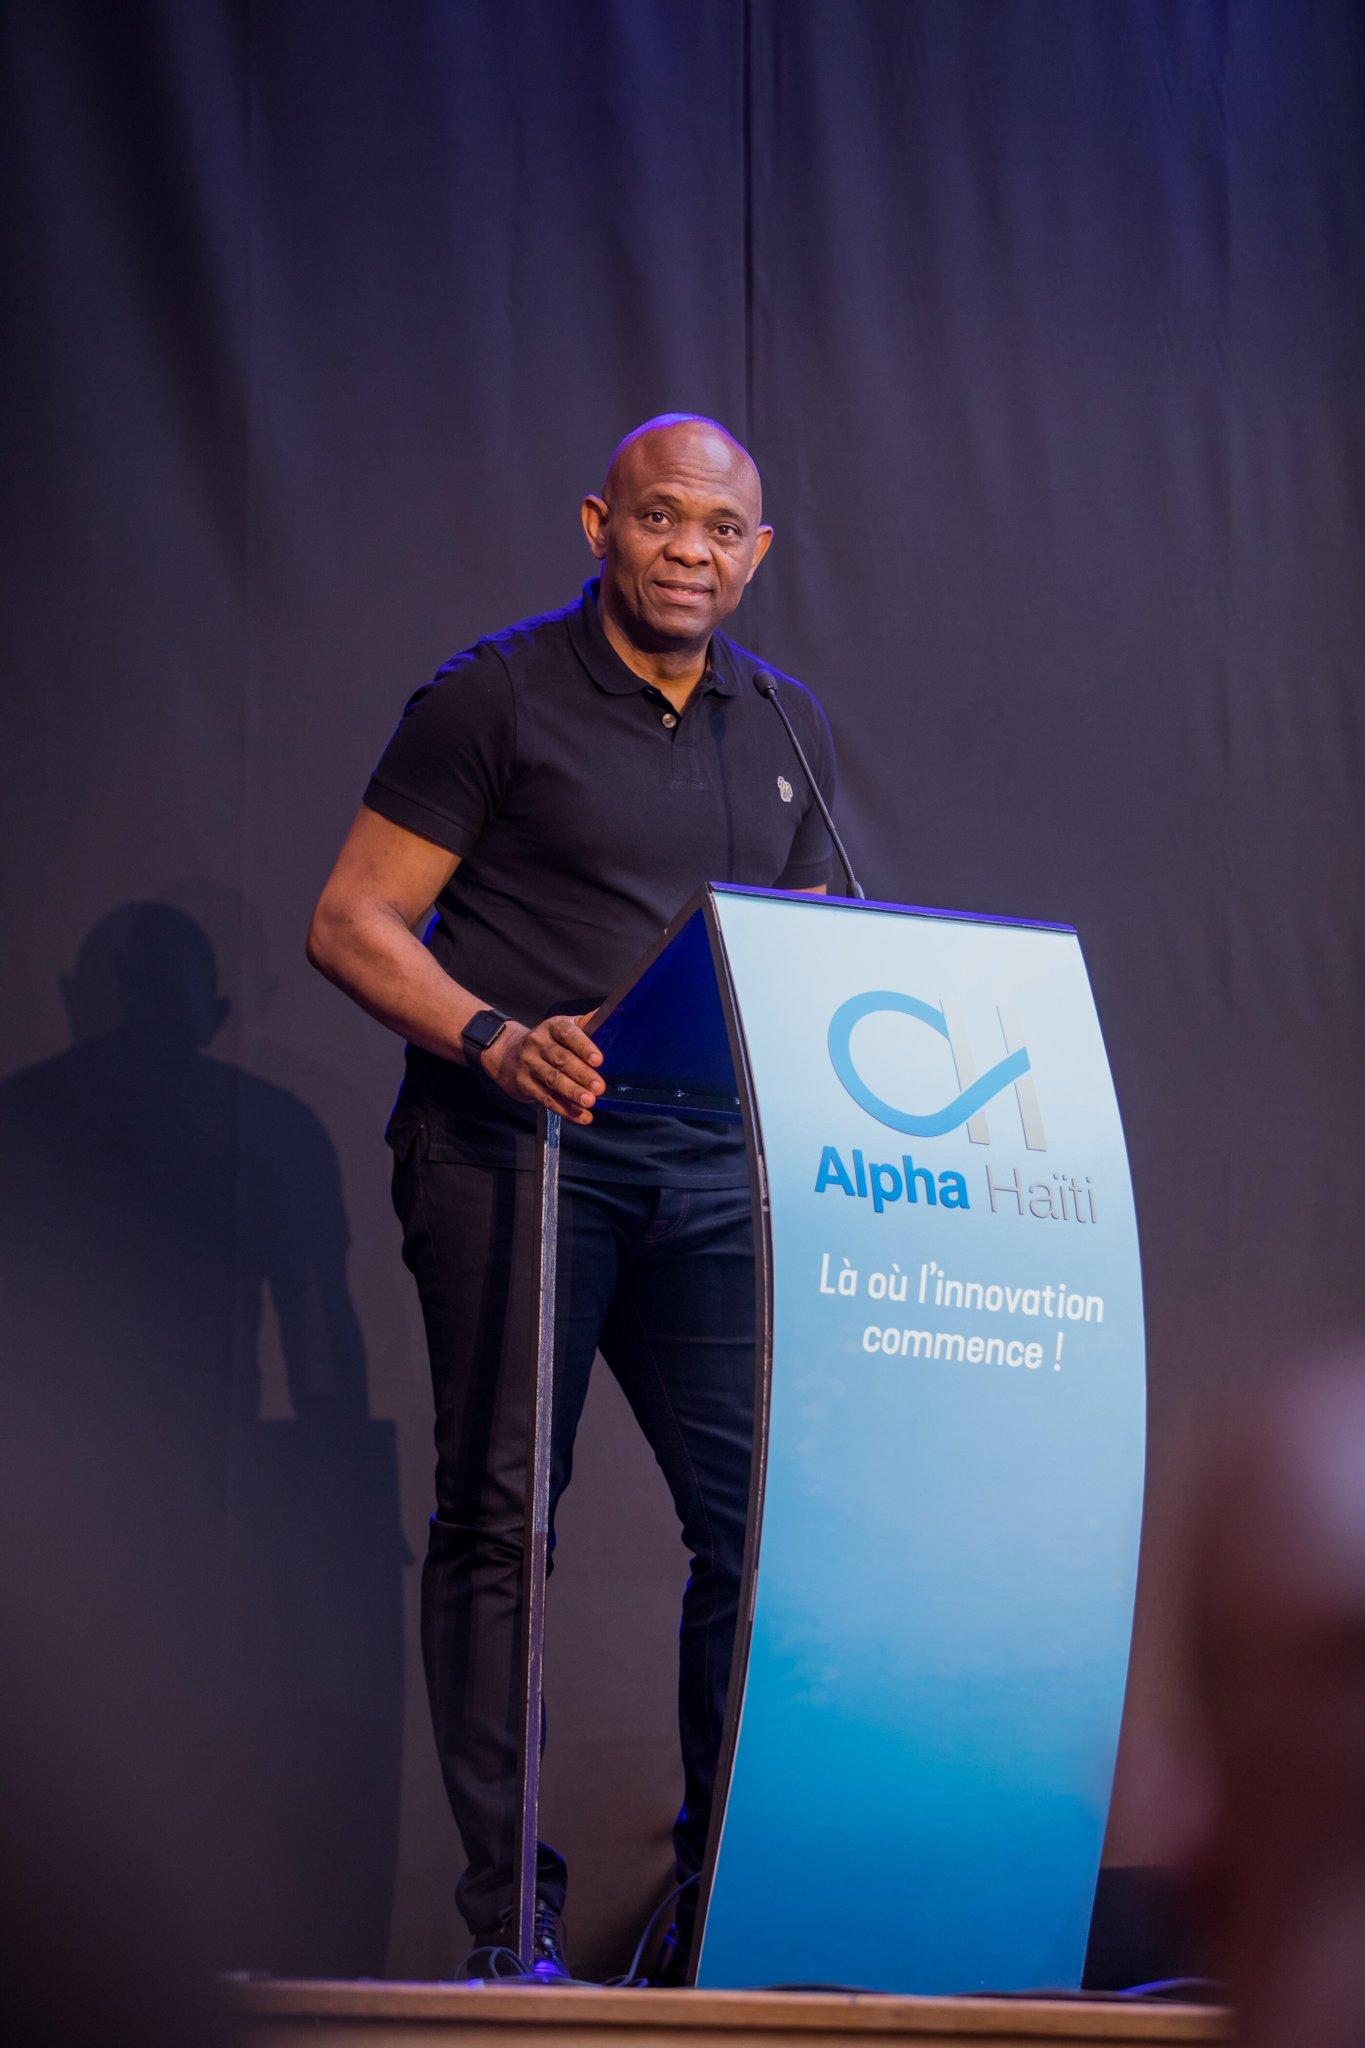 Alpha Haïti